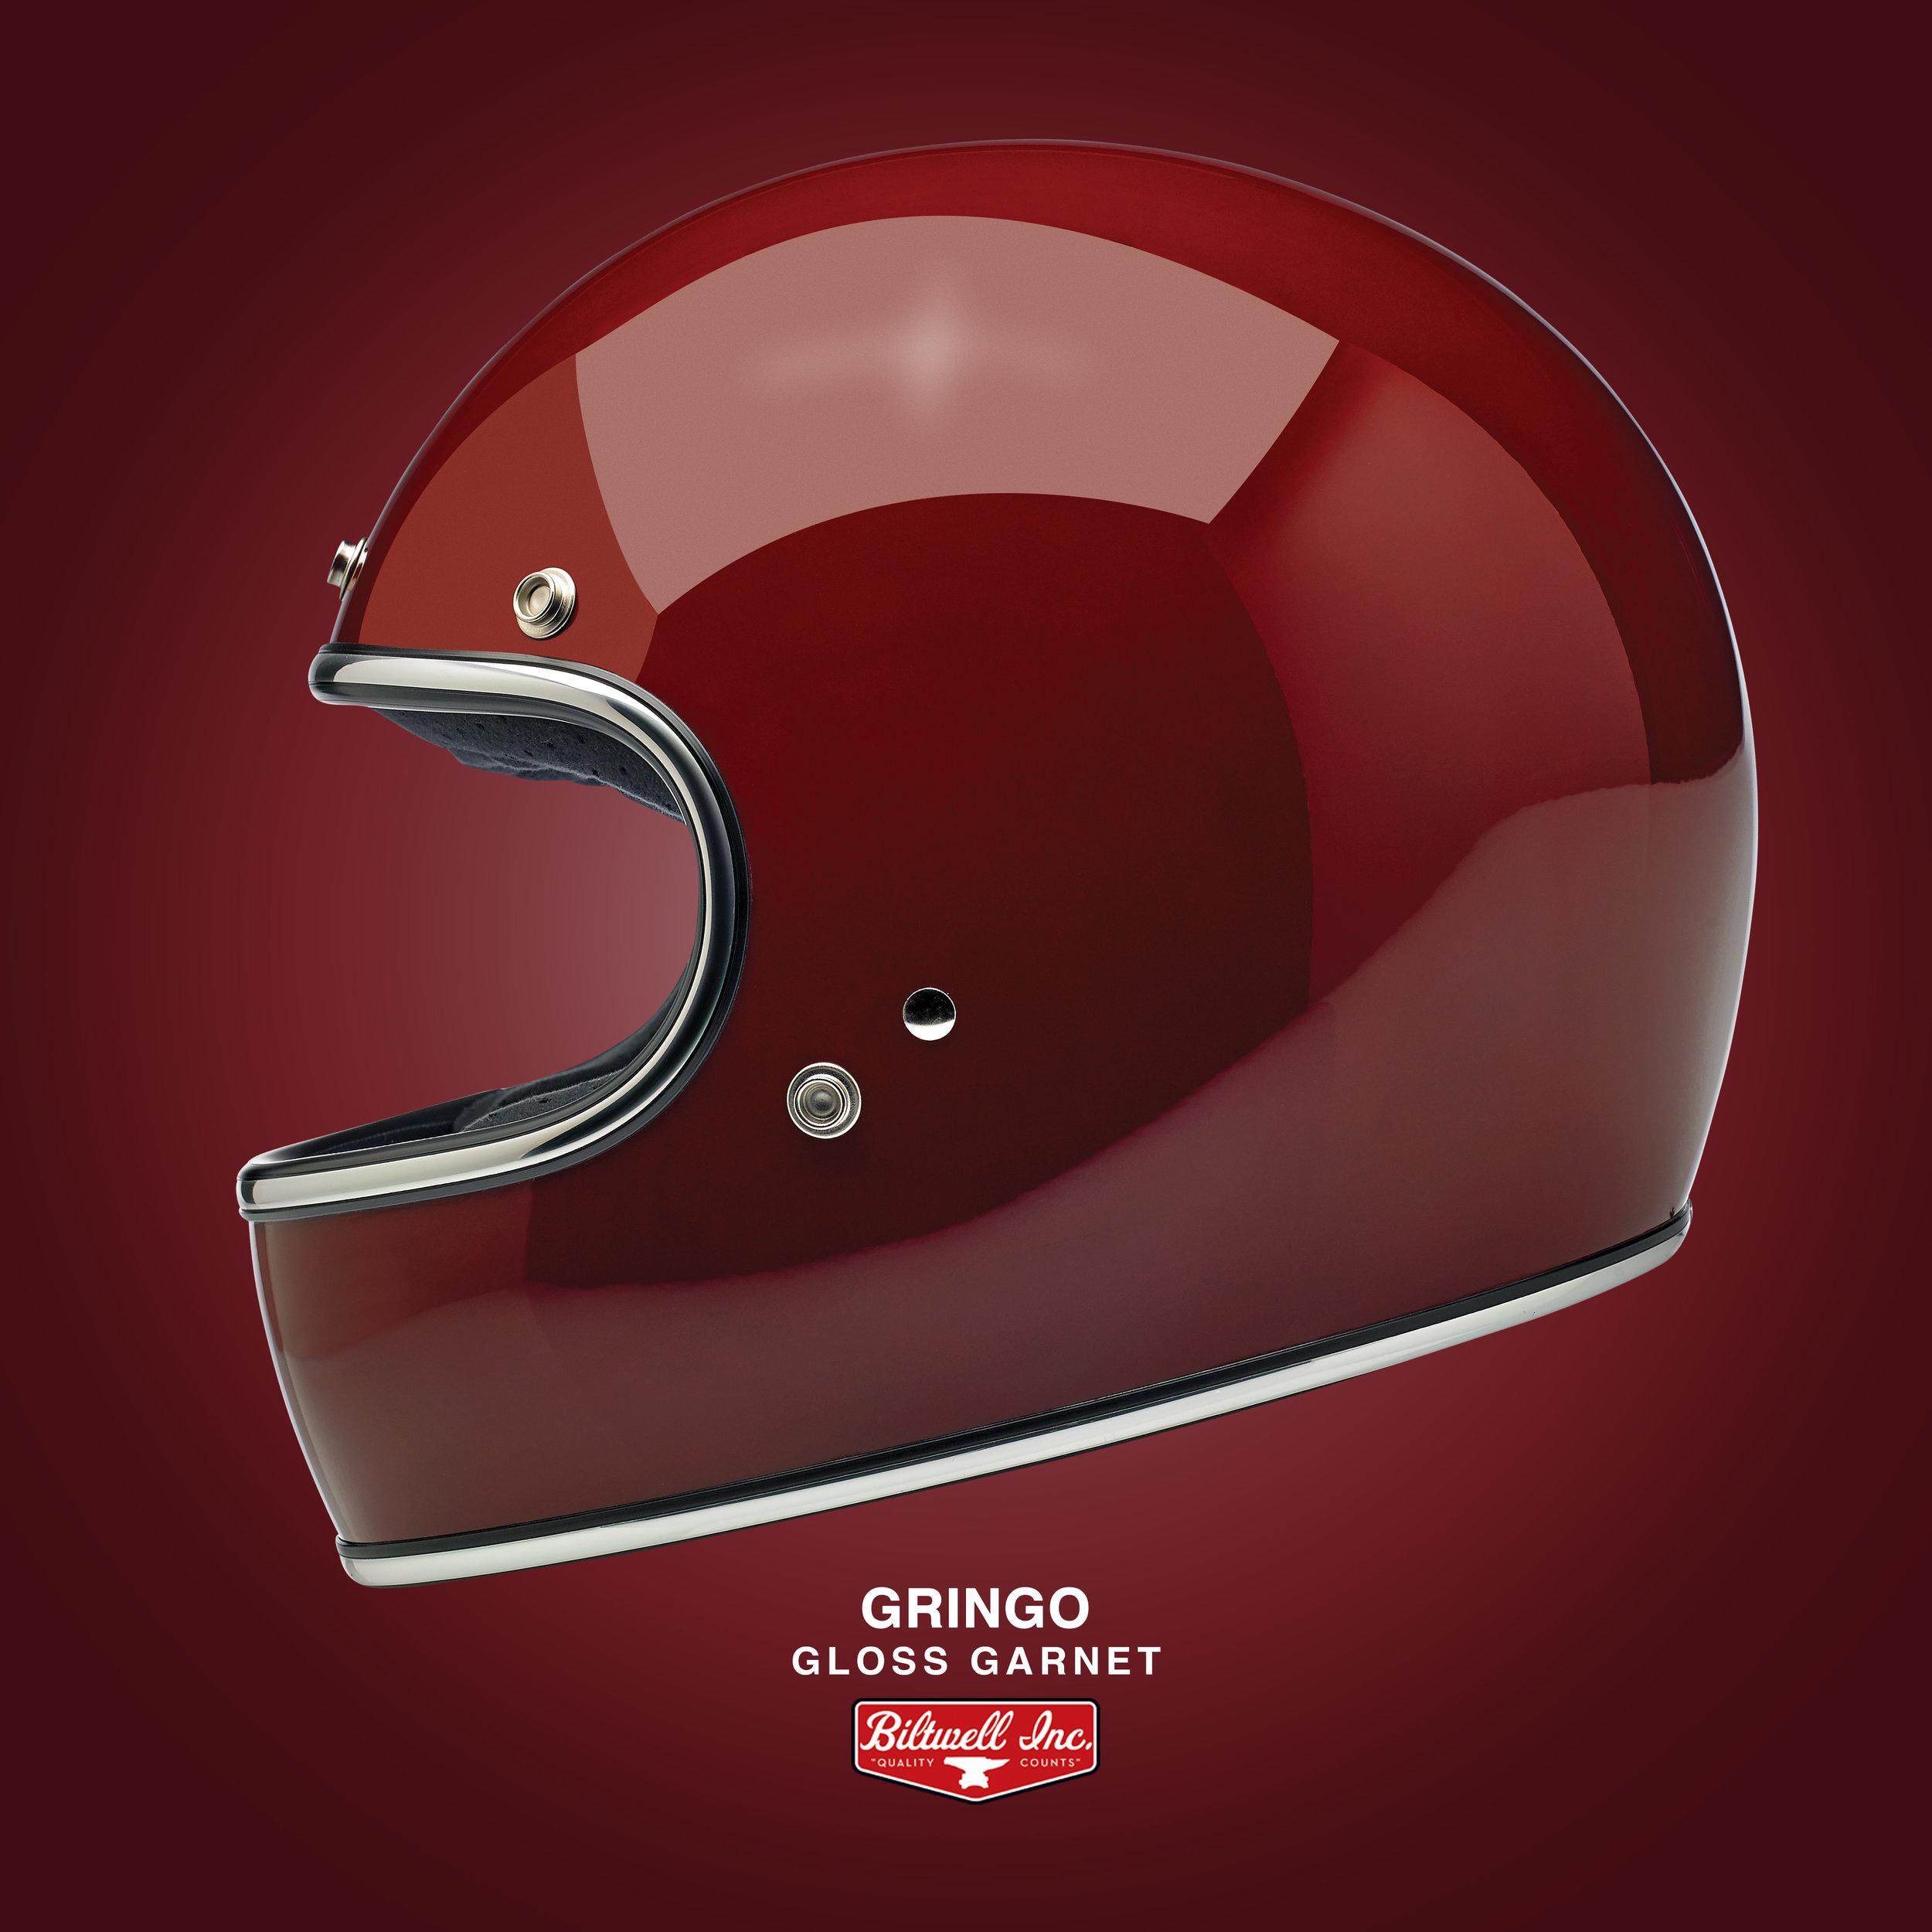 1002-108_Gloss Garnet Gringo Helmet Panel.jpg